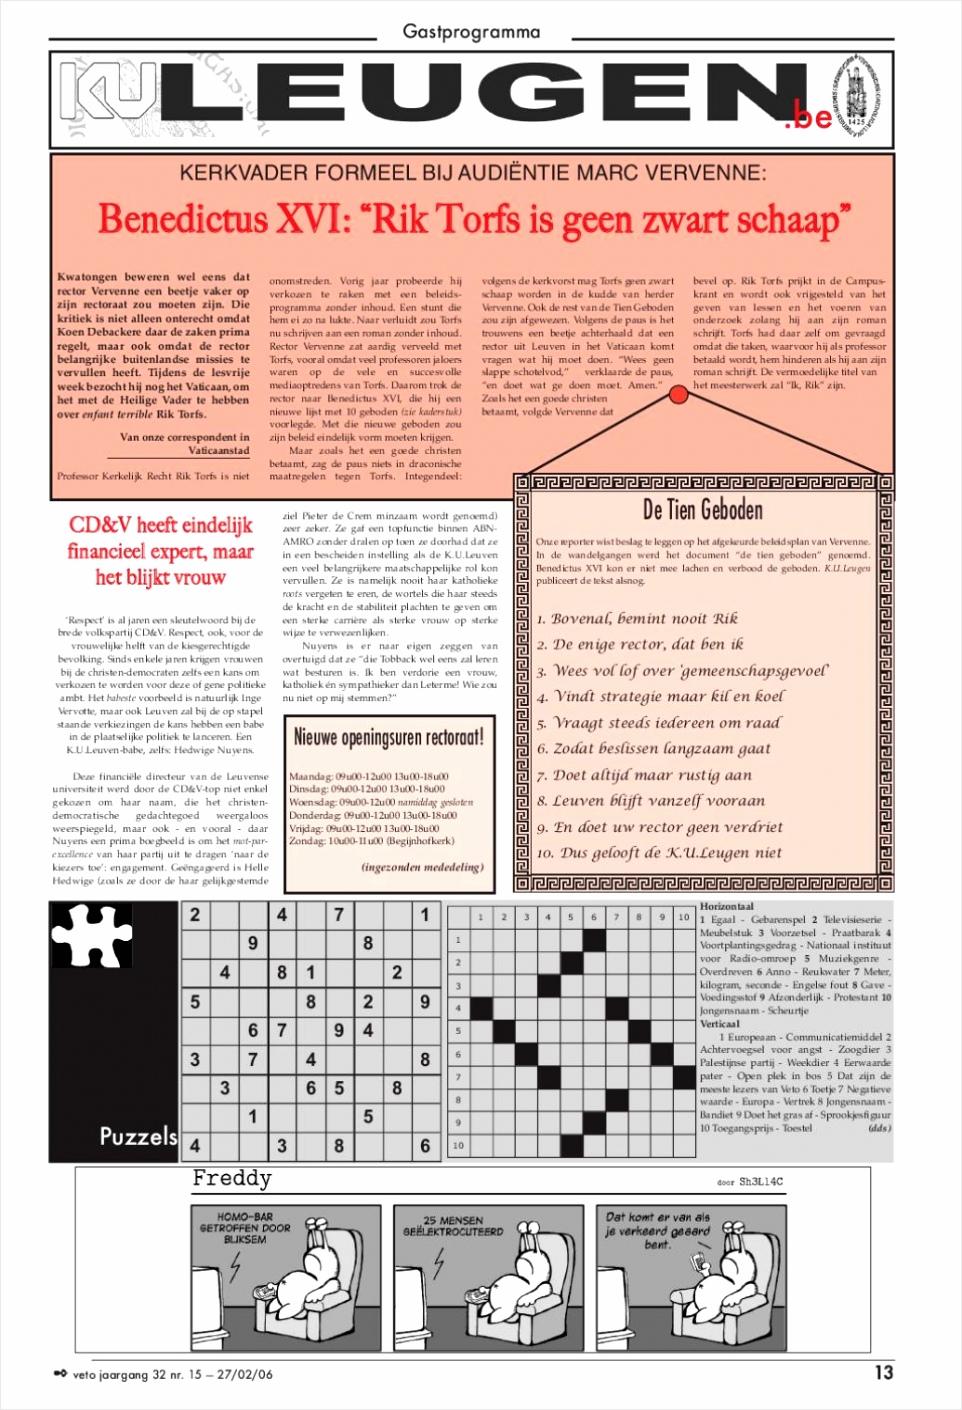 page 13 pivoa